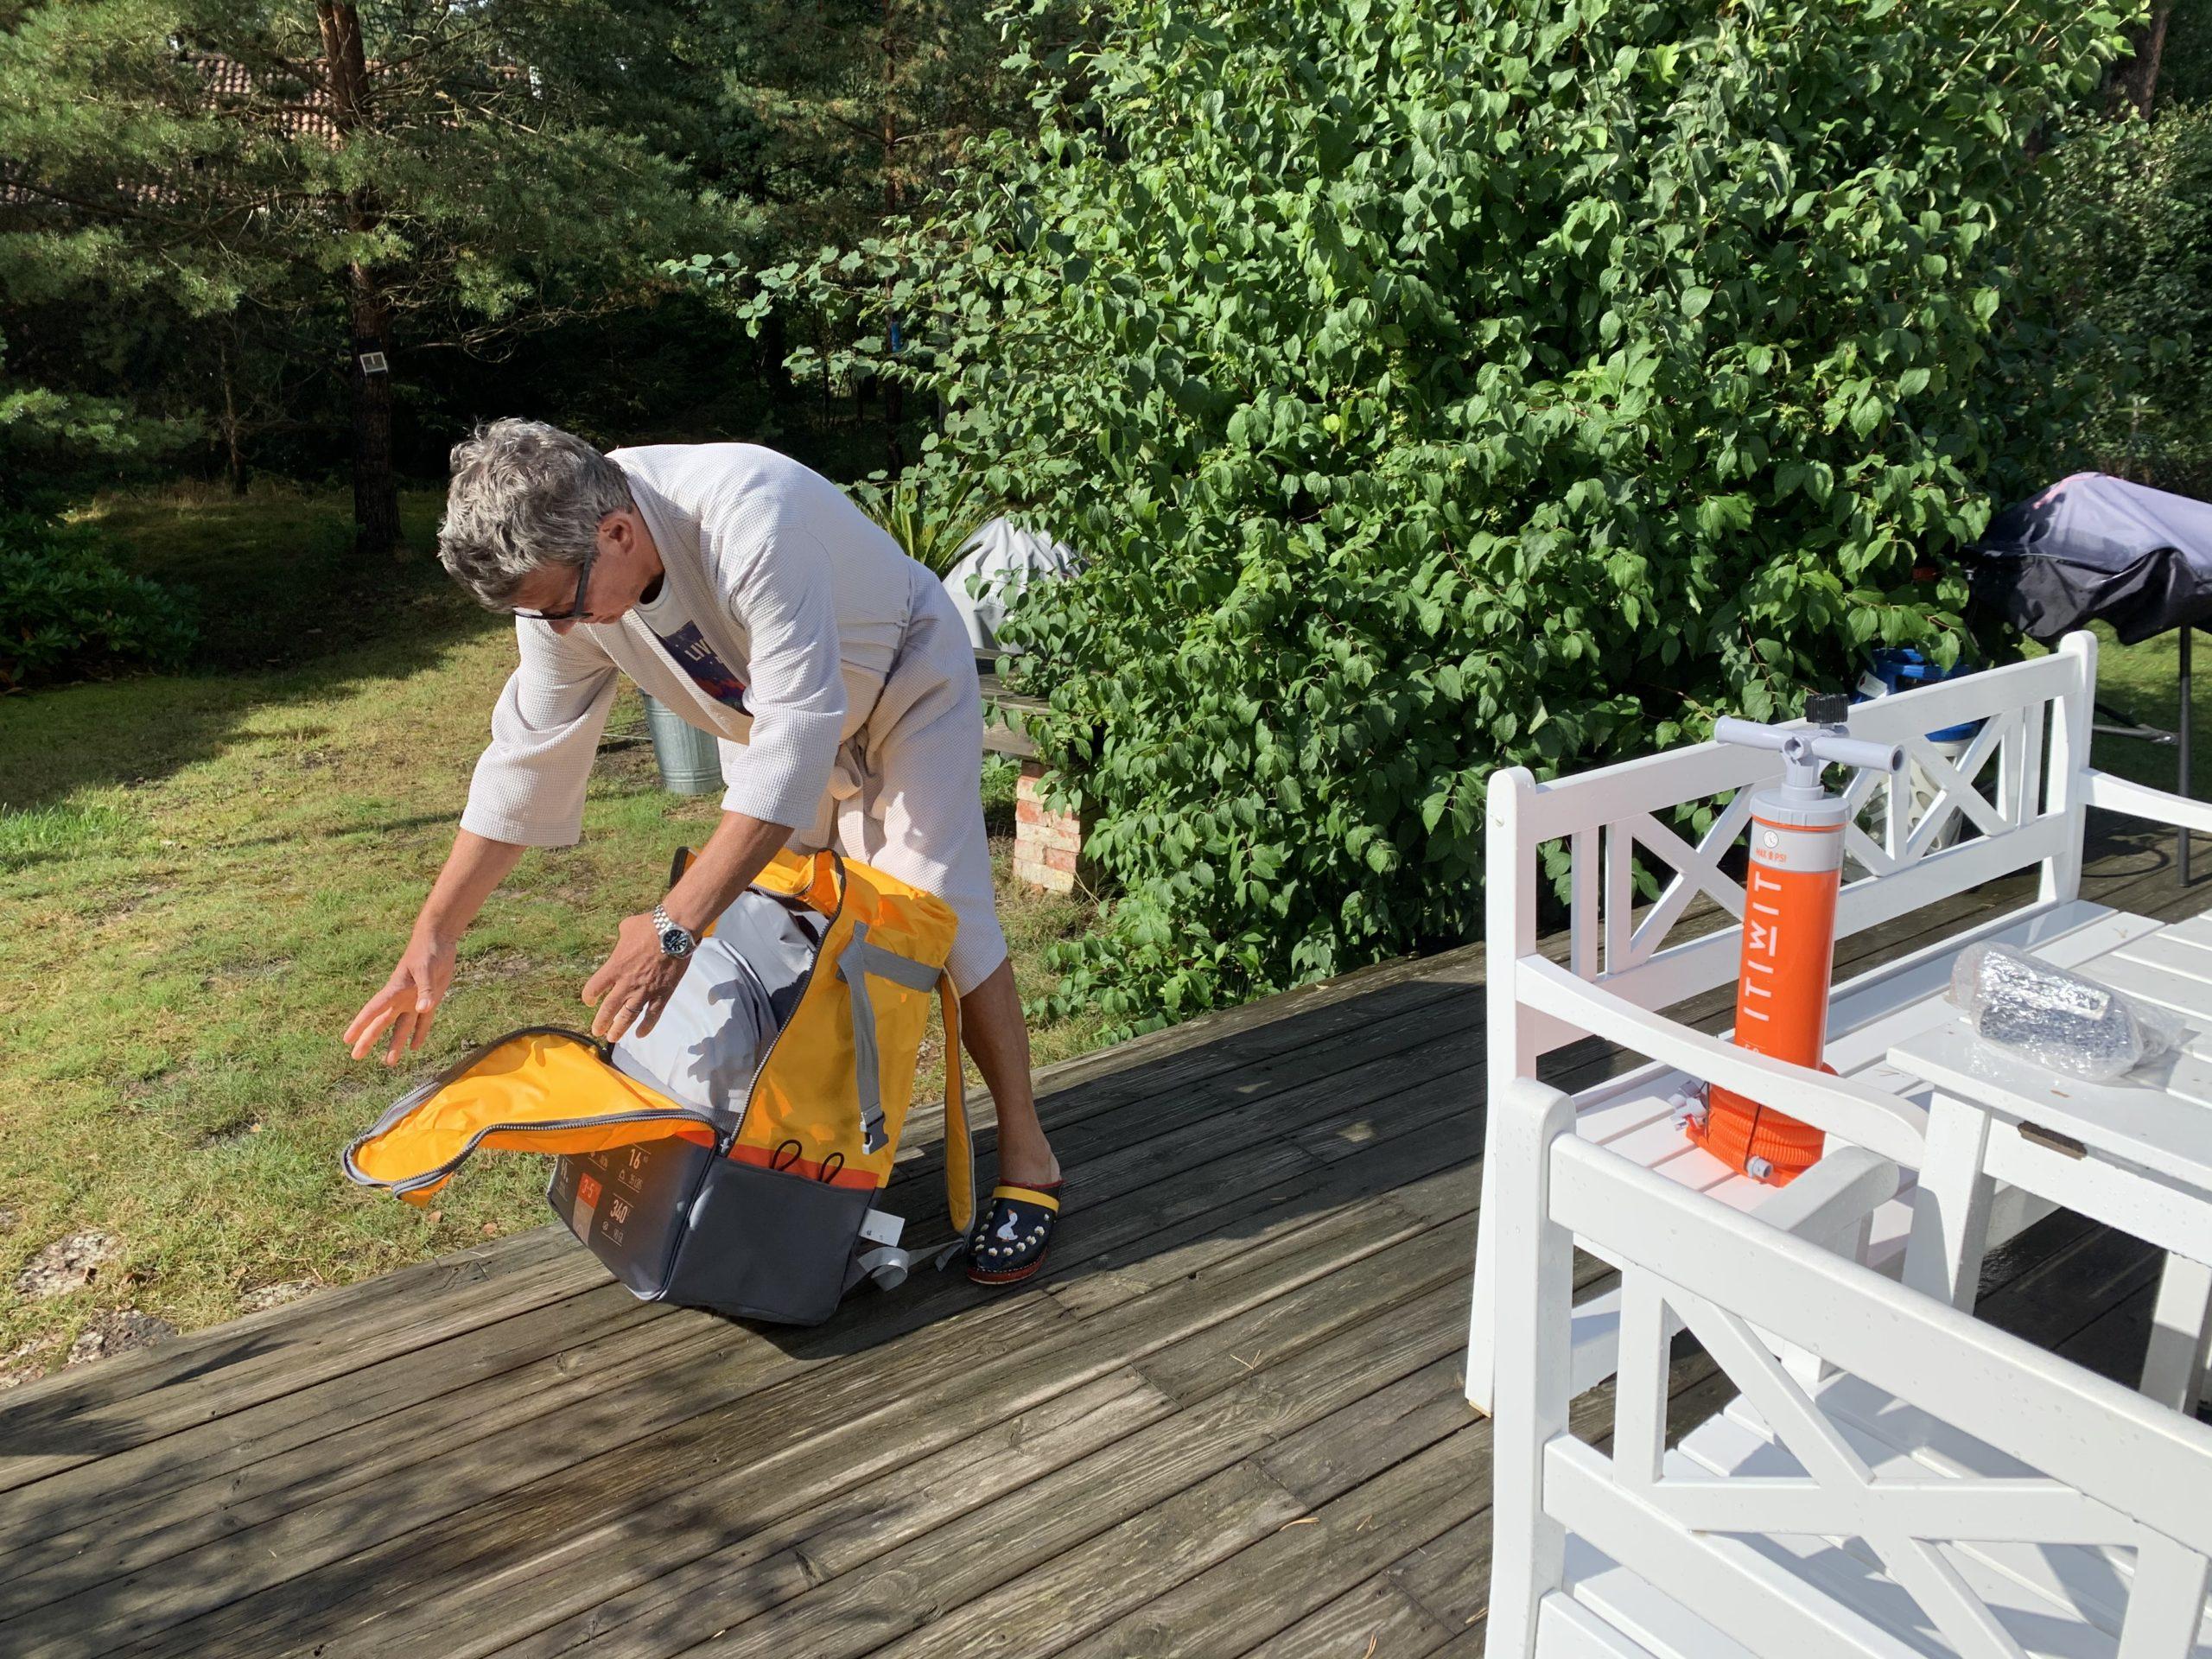 Ricky packar upp kajaken ur ryggsäcken